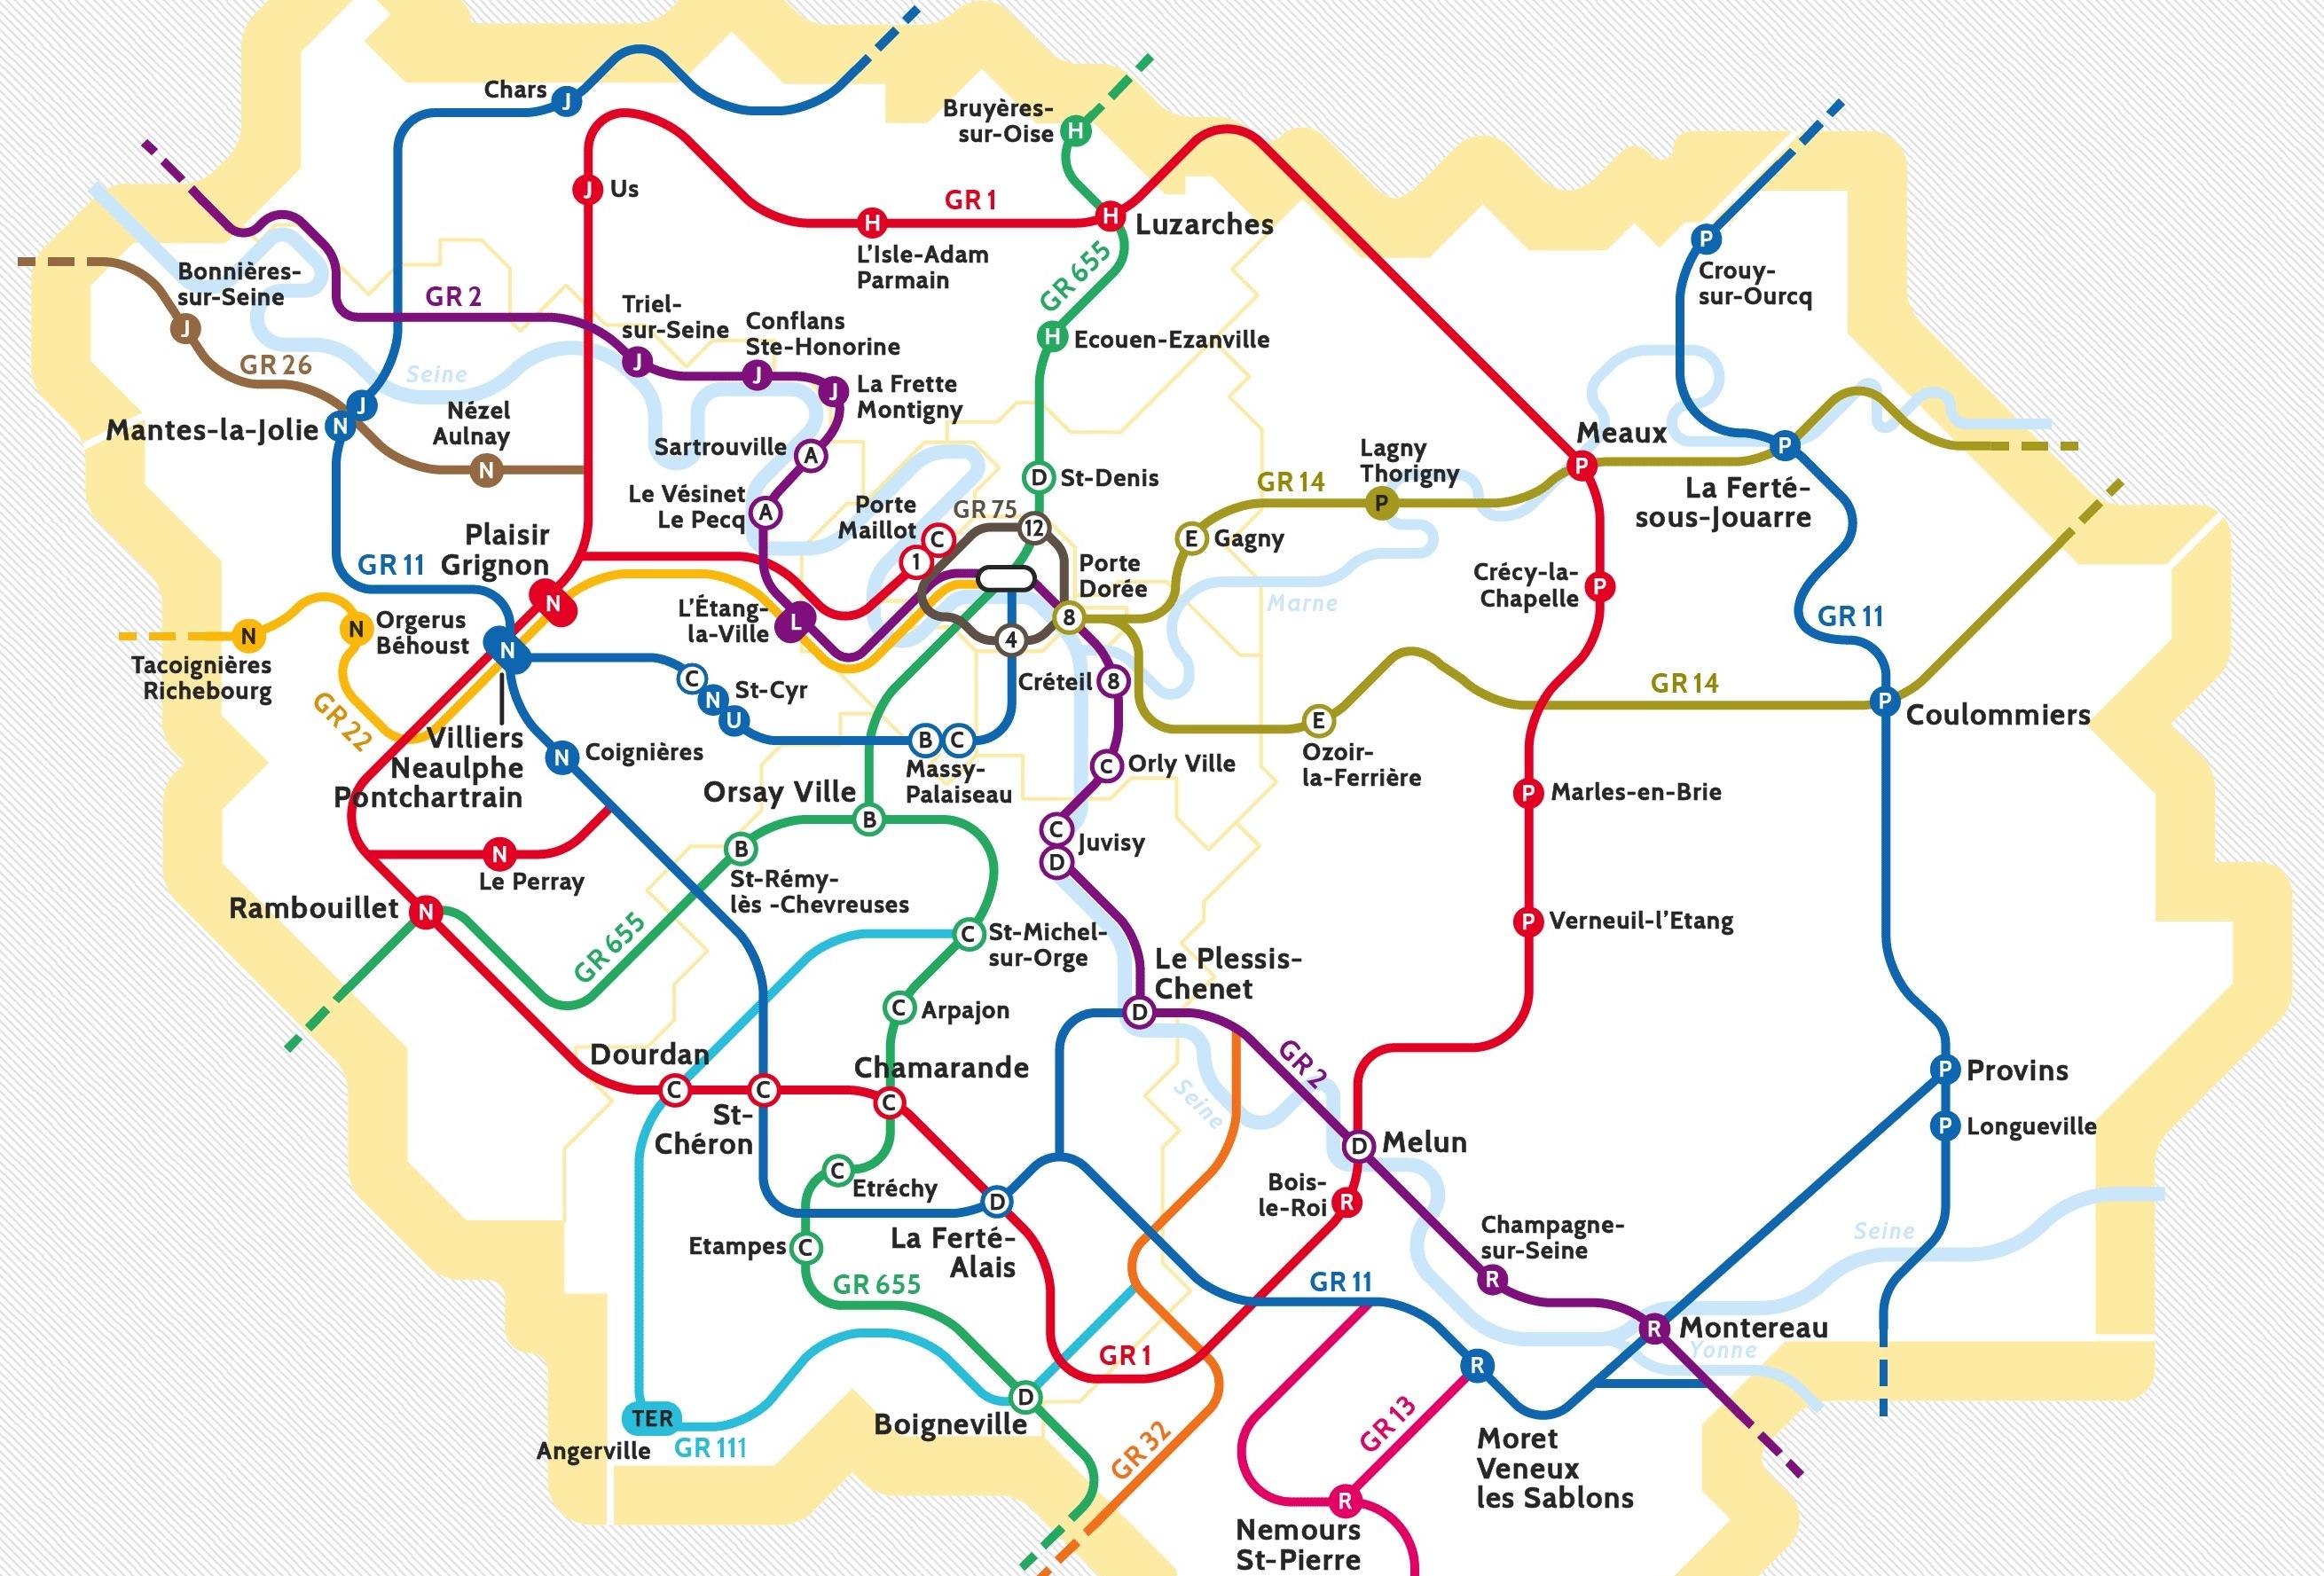 La carte du randopolitain / © Enlarge your Paris x We Do Data